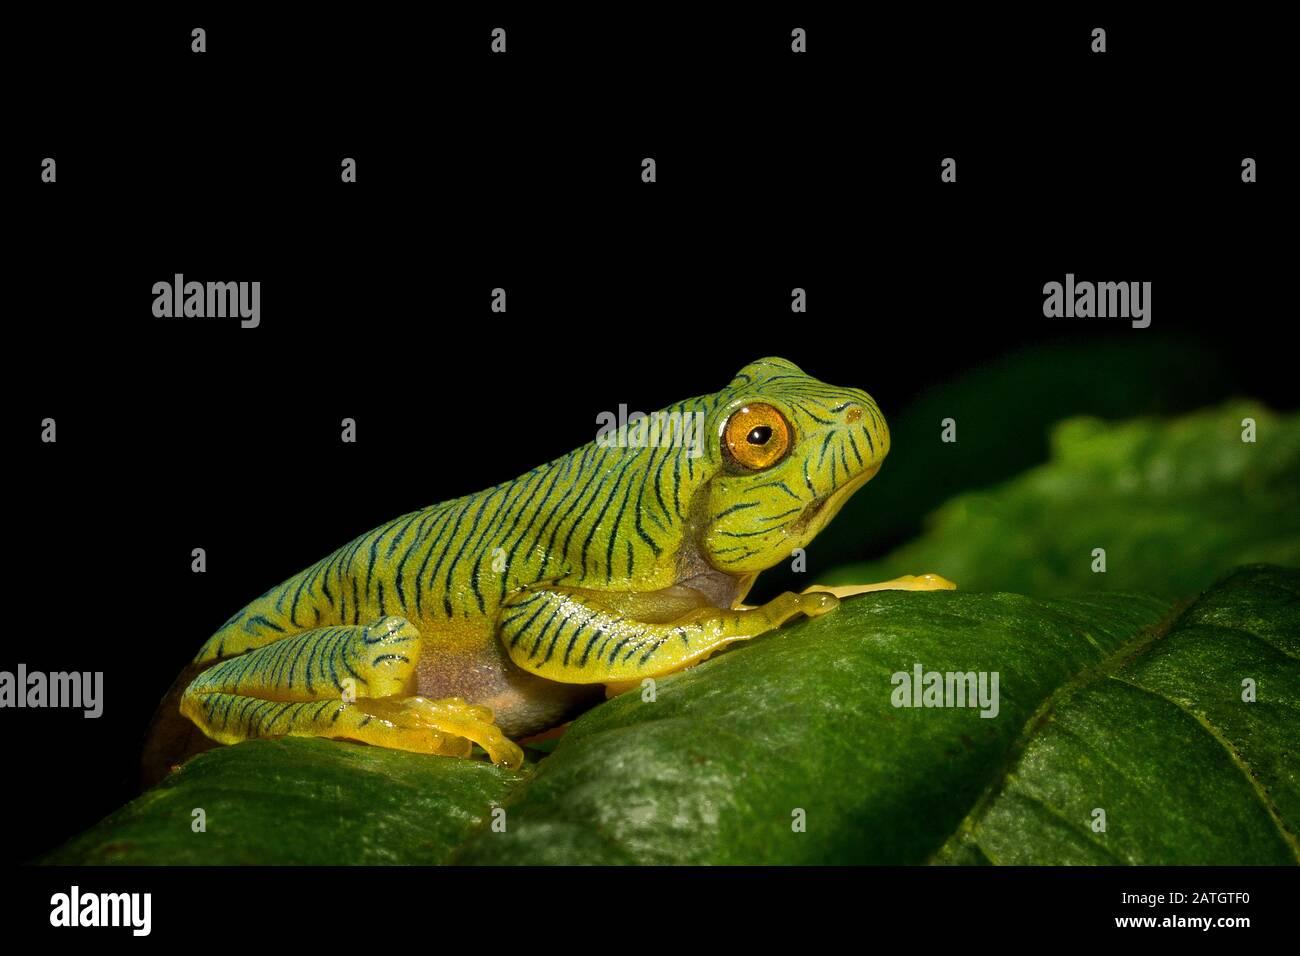 Rhacophorus pseudomalabaricus tipo di rana volante endemico delle colline Anaimalai del Tamil Nadu e Kerala stati, India. Foto Stock